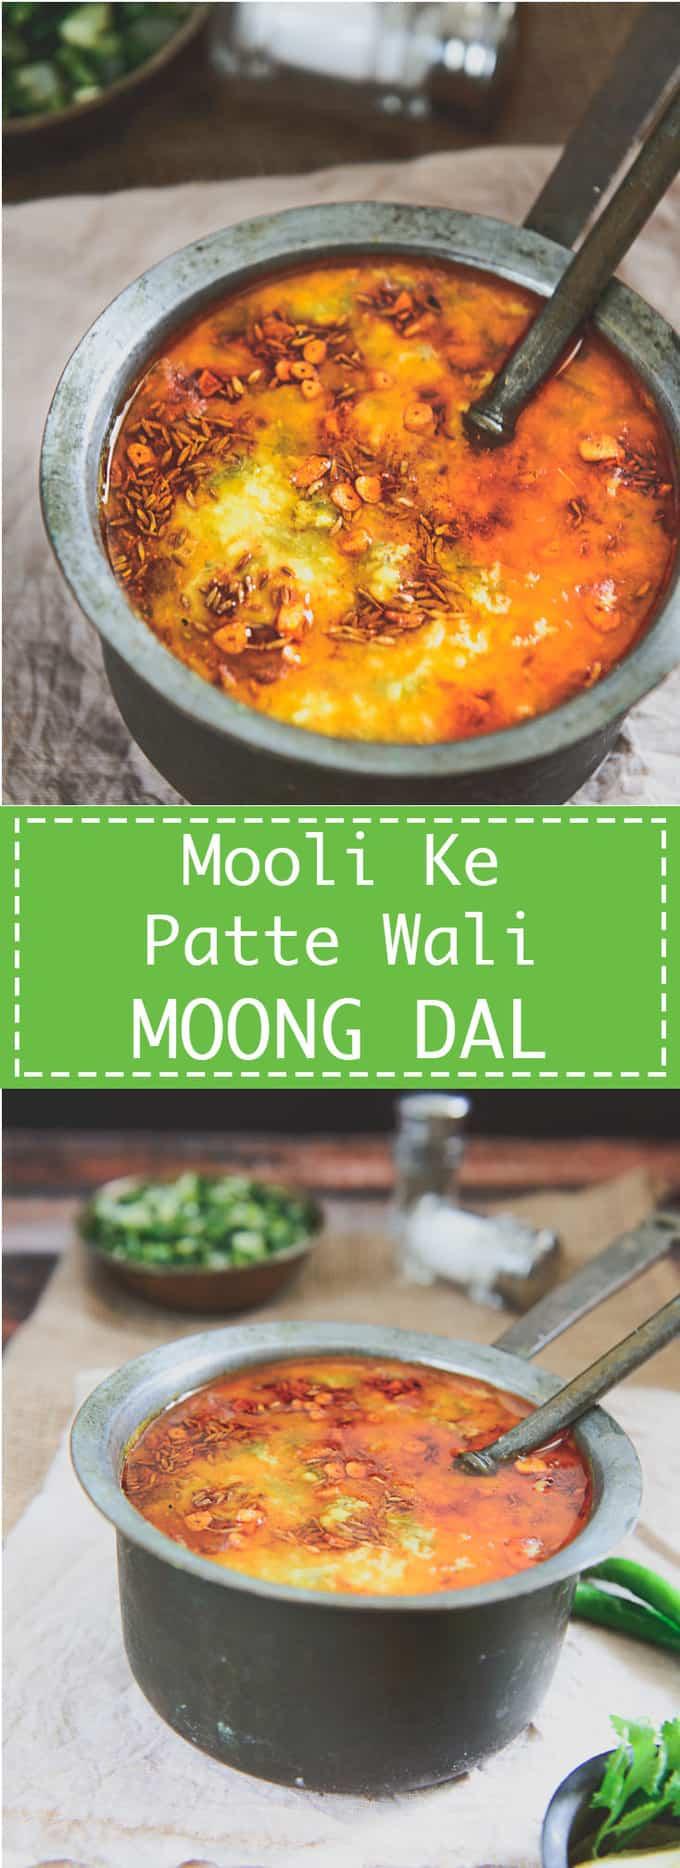 Mooli Ke Patte Wali Moong Dal